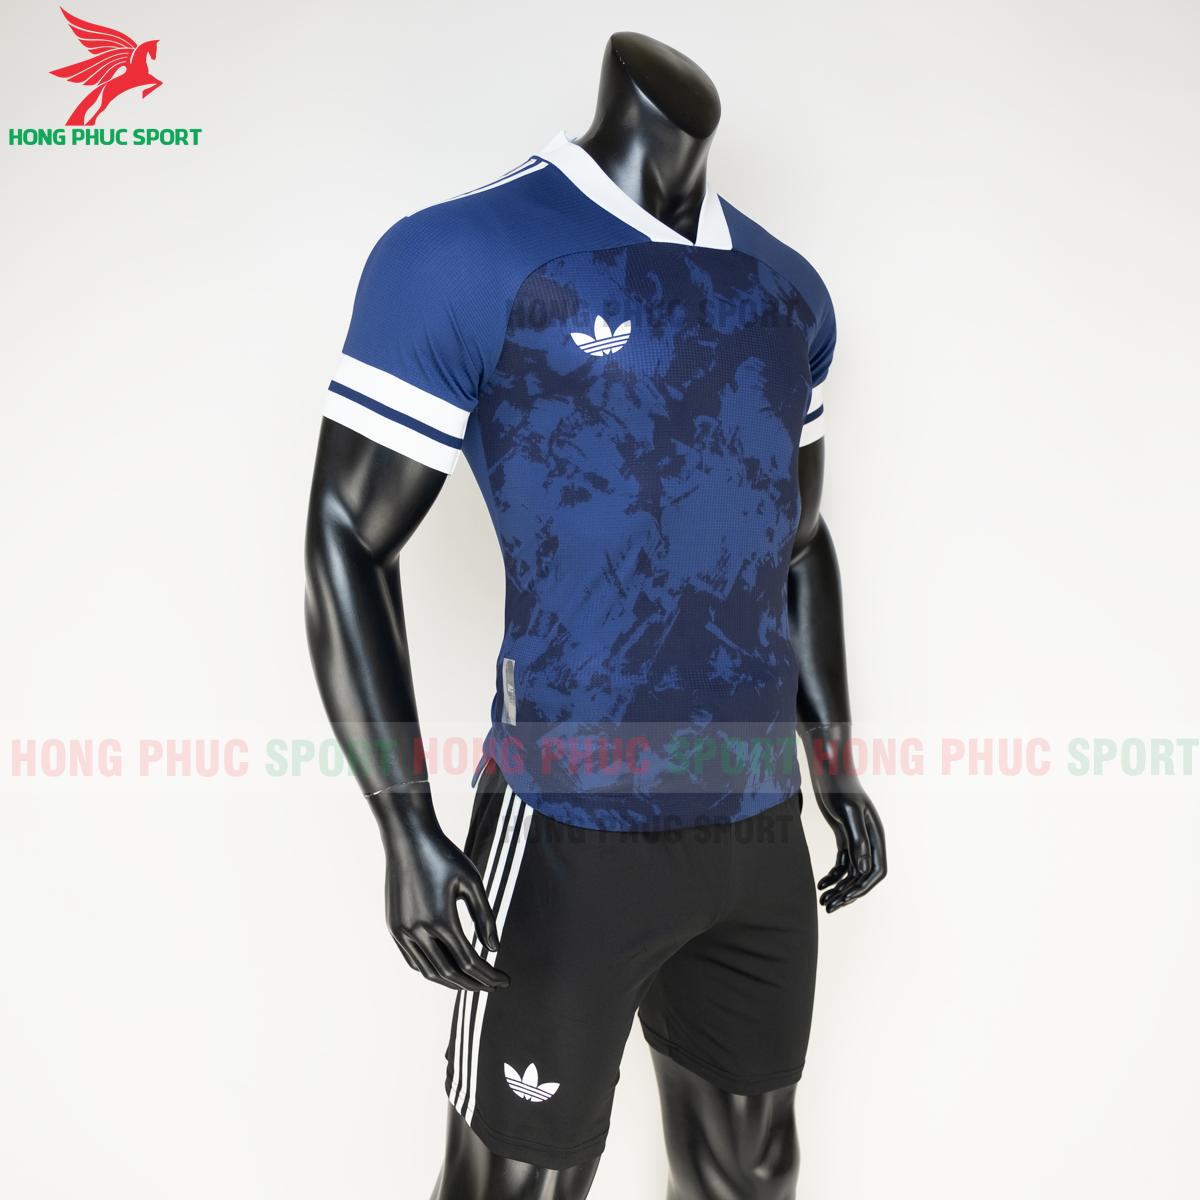 Áo đá banh không logo Condivo ba lá Adidas 2020 2021 mẫu 1 (phải)